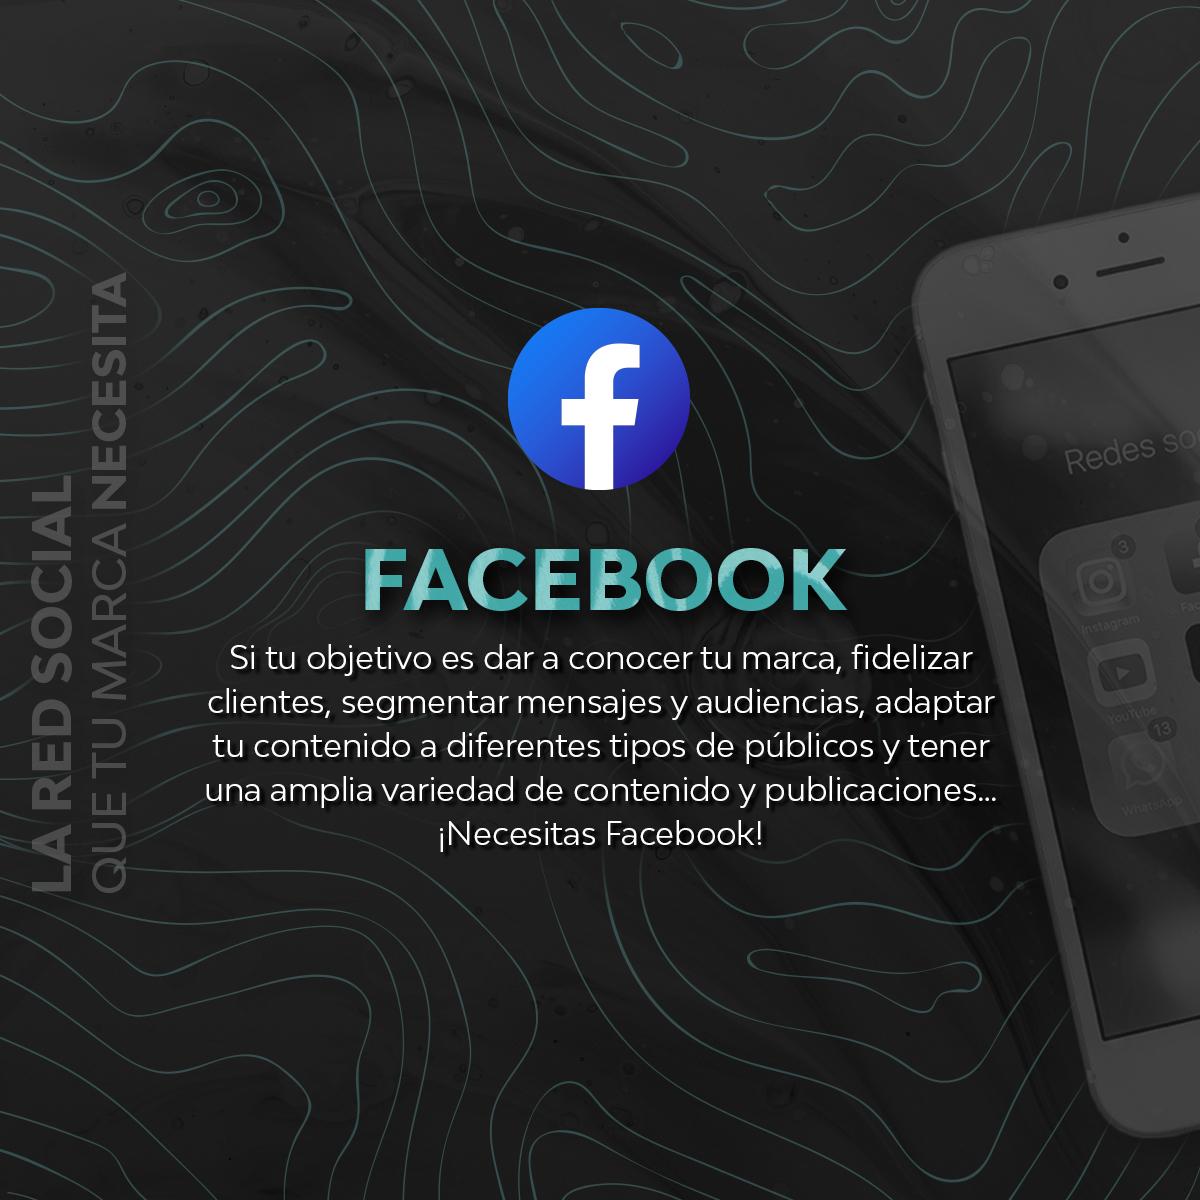 Con tu objetivo claro serás capaz de definir qué red social se acopla mejor a tu #negocio.  Aprende el potencial de #Twitter, #Facebook, #Instagram y #YouTube y arma tu estrategia ideal.